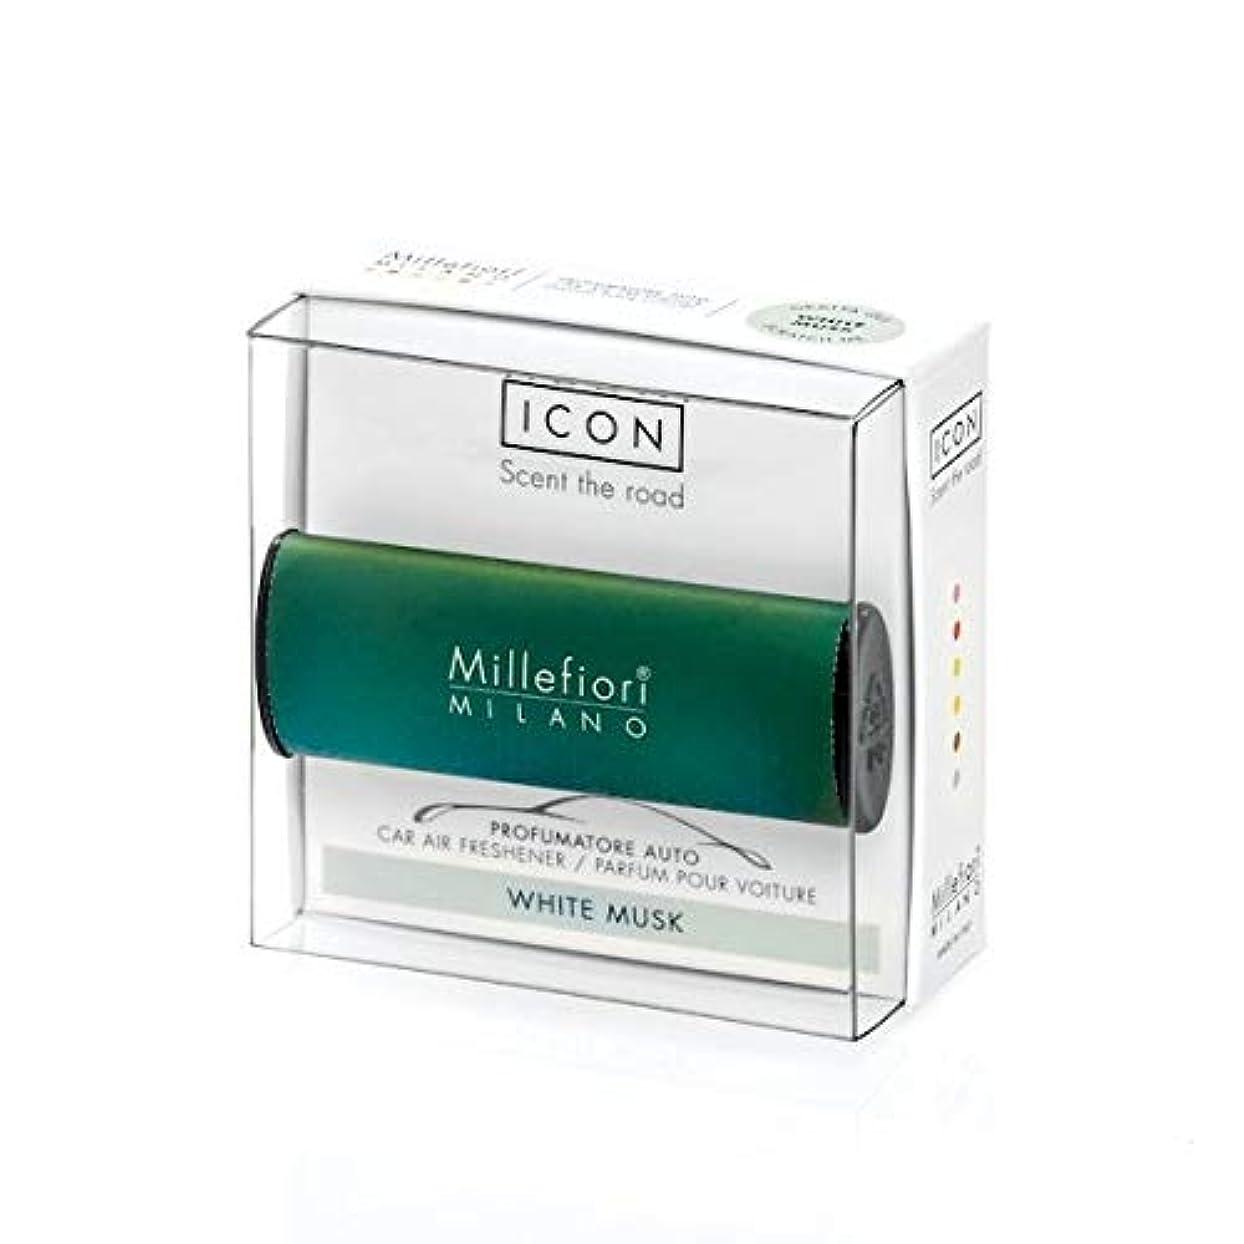 きしむエロチック太陽ミッレフィオーリ(Millefiori) カーエアフレッシュナー ICON CLASSIC GREEN - ホワイトムスク(WHITE MUSK) [並行輸入品]